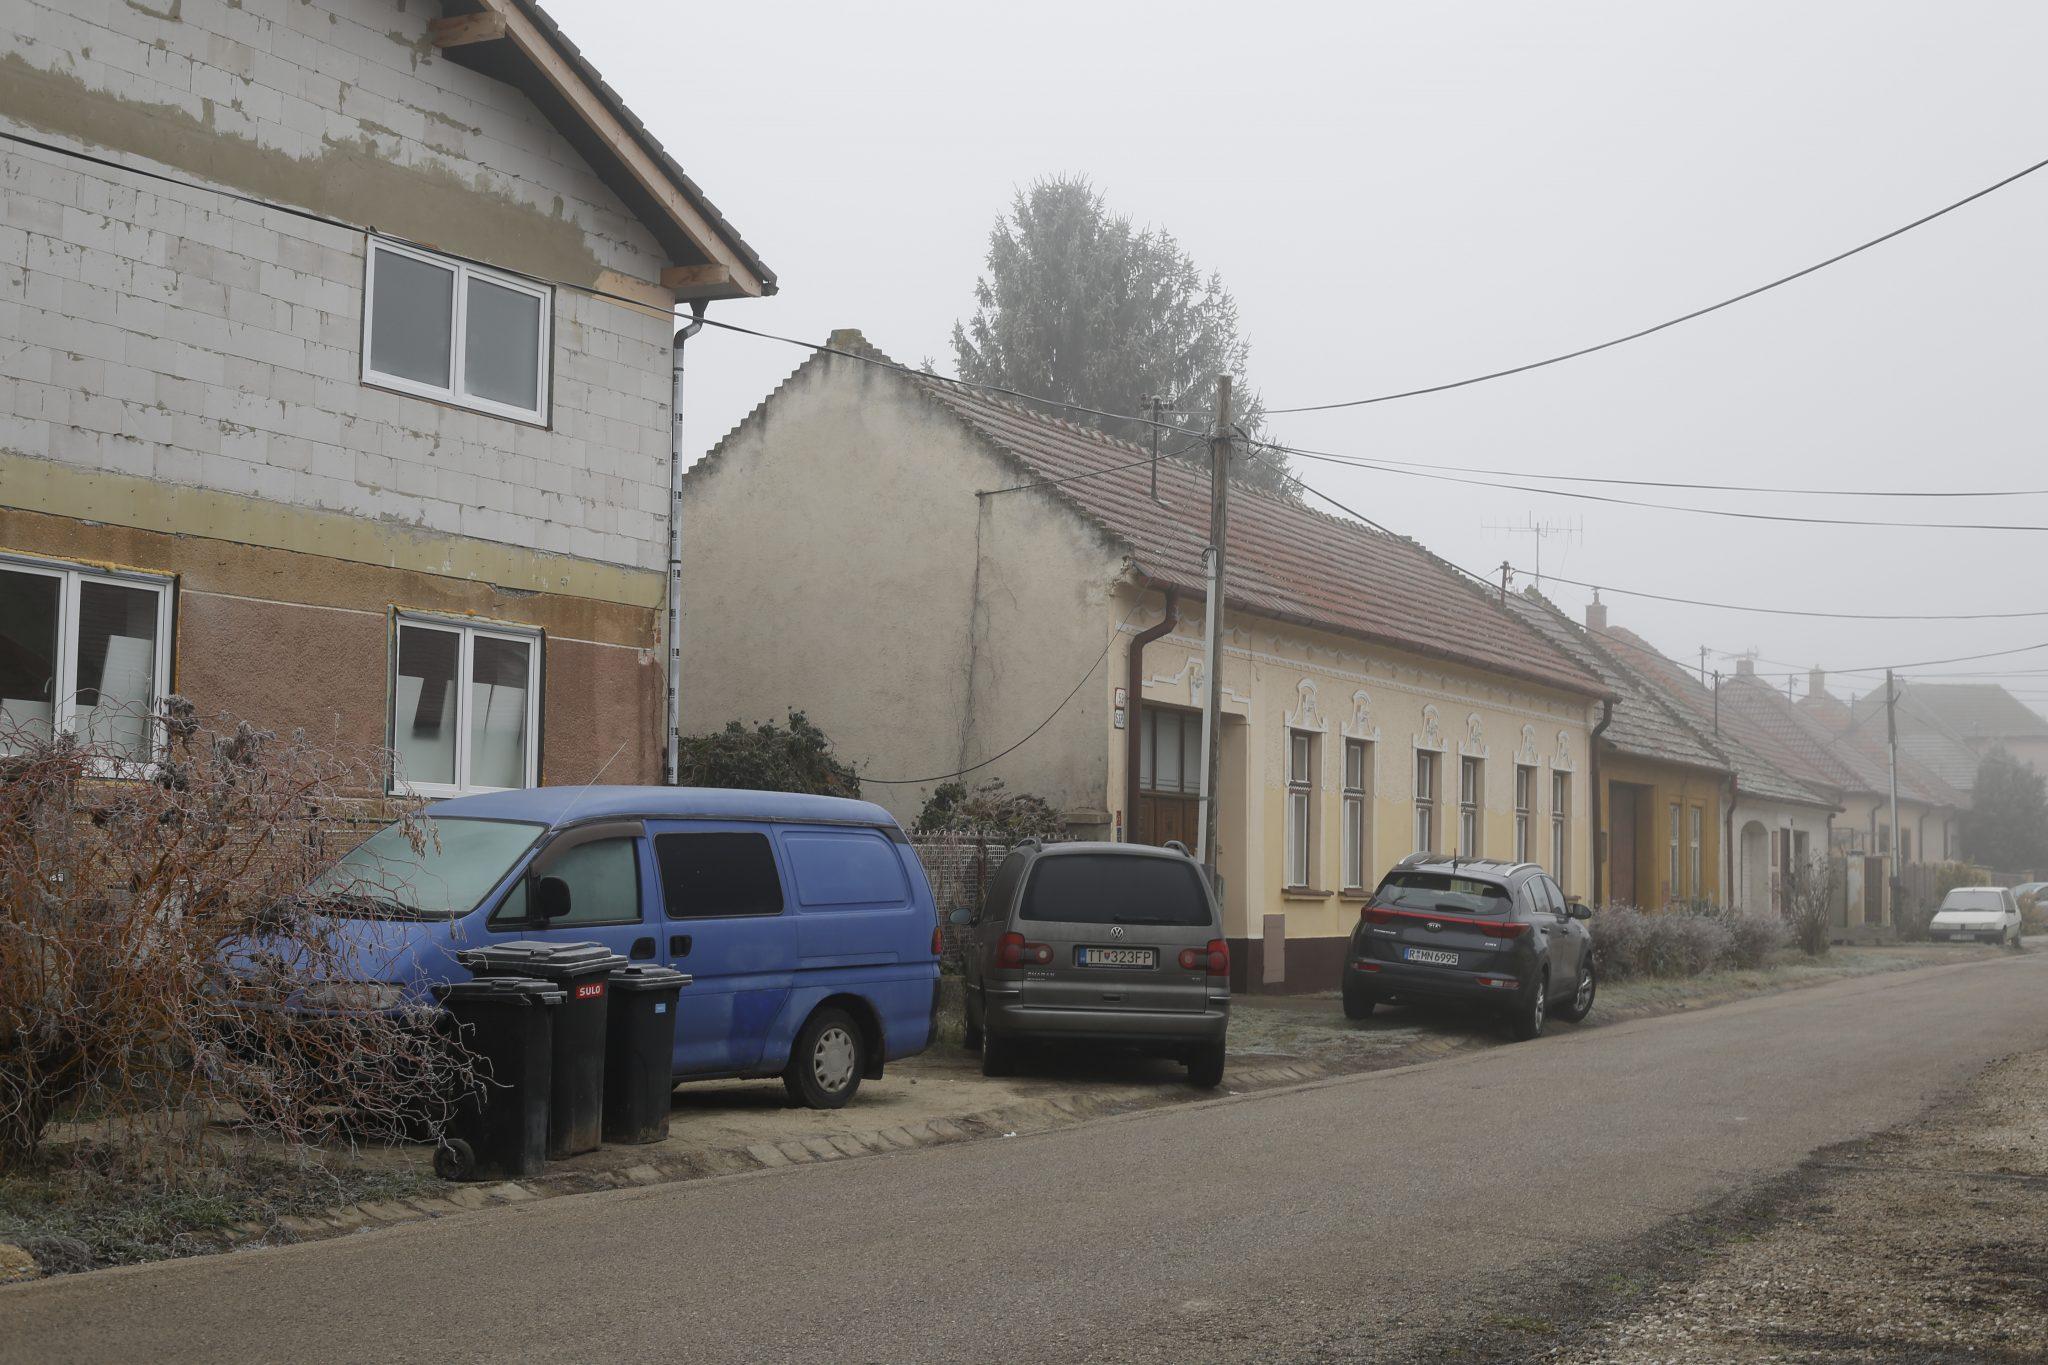 Straße mit Blick auf ein altes Bauernhaus